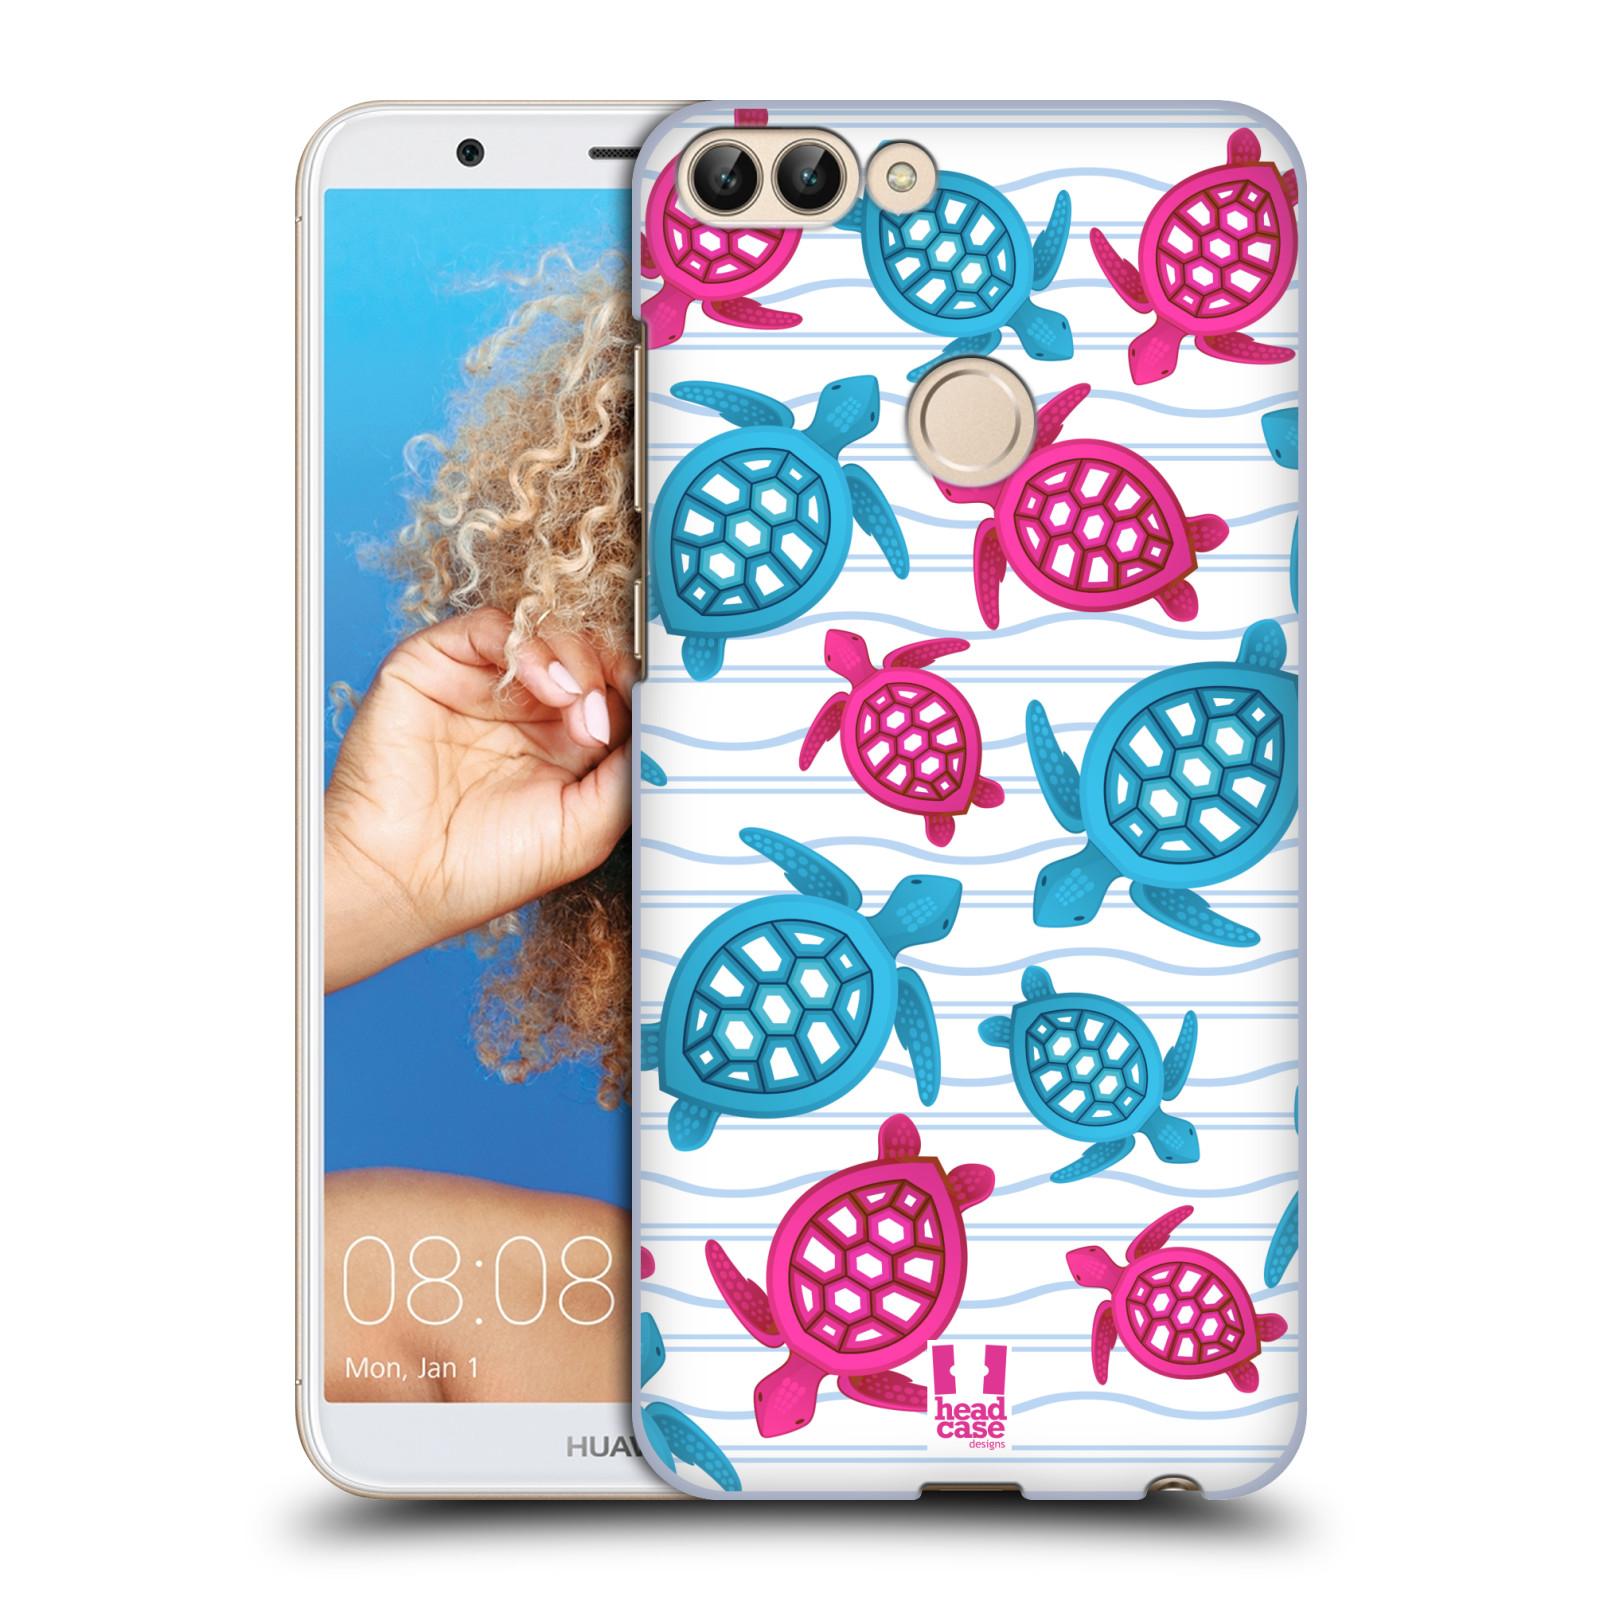 HEAD CASE plastový obal na mobil Huawei P Smart vzor mořský živočich želva modrá a růžová